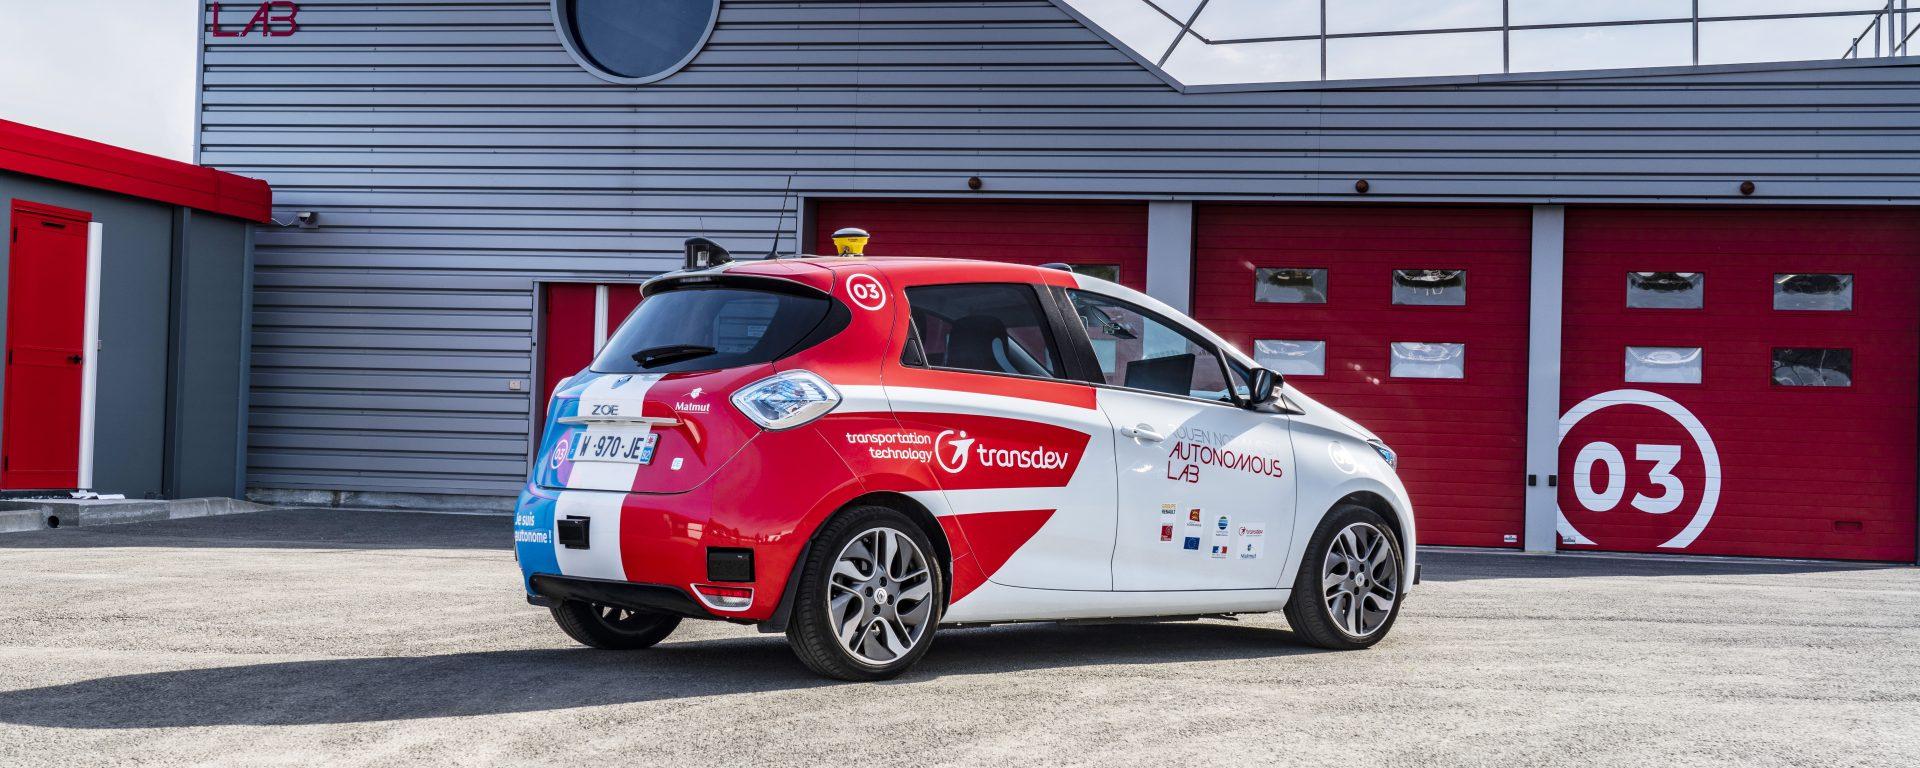 rouennormandy,autonomous,mobility,service